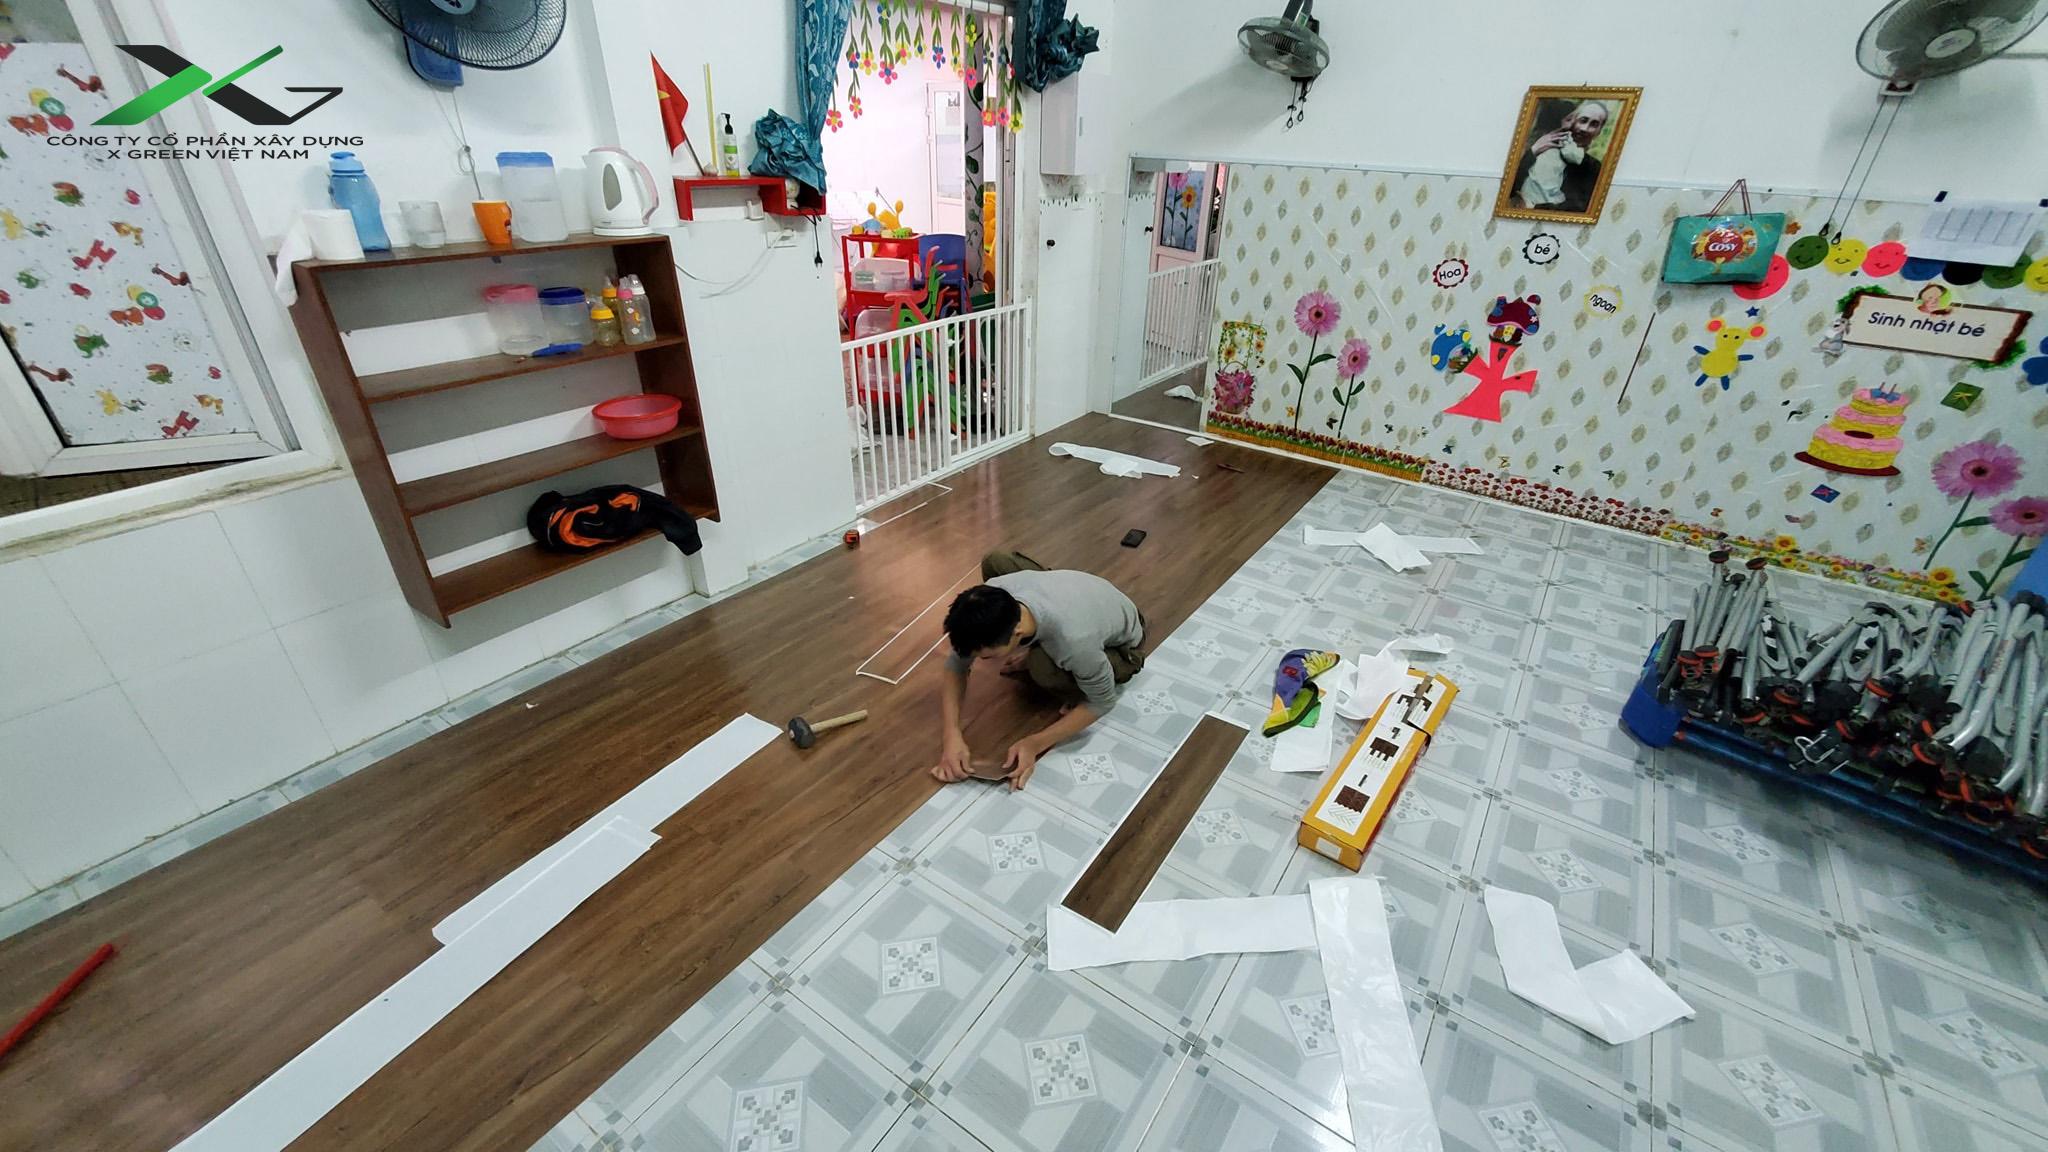 Thi công sàn gỗ dán keo cho lớp mẫu giáo